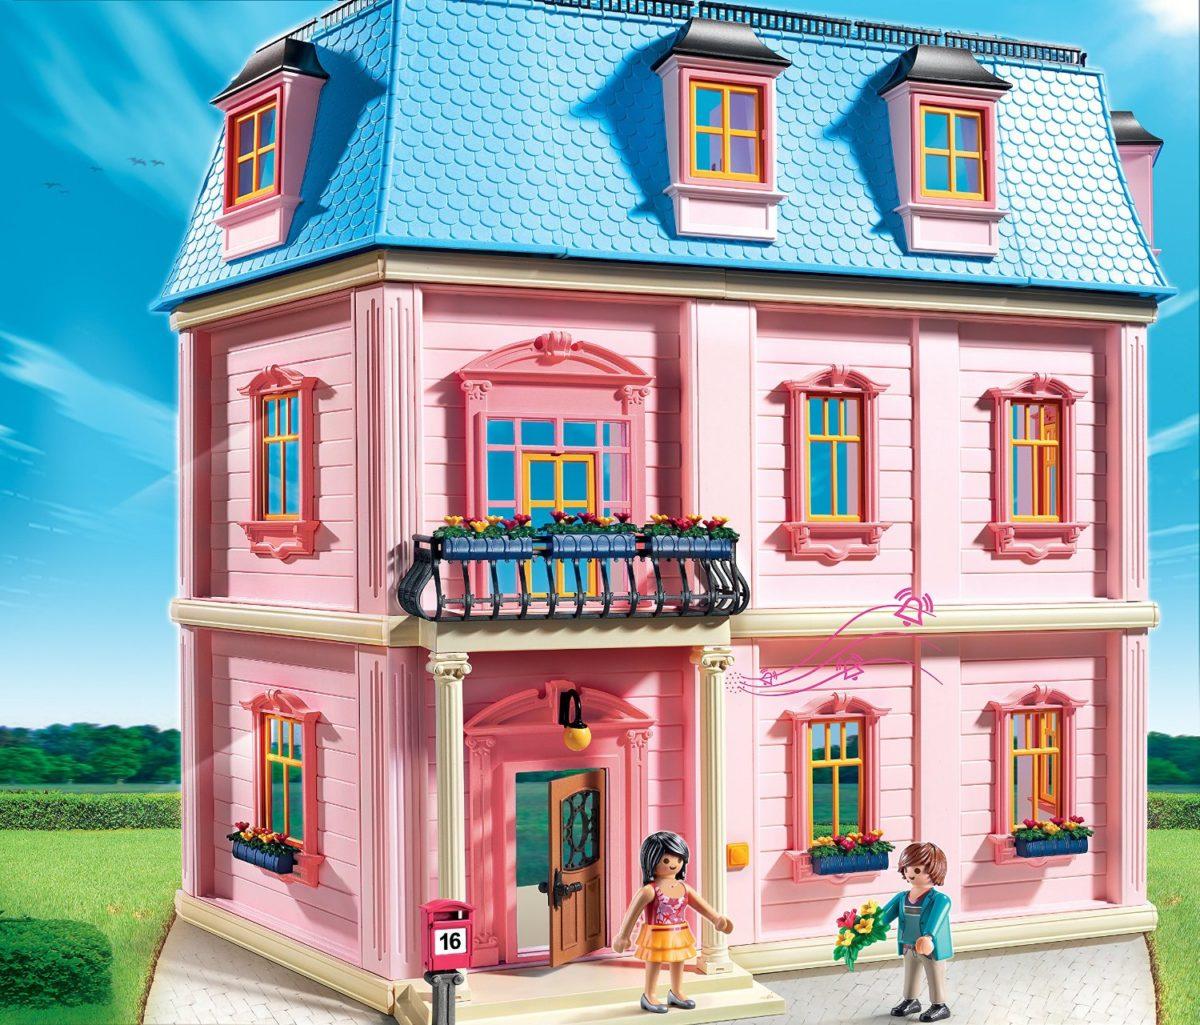 Idee Cadeau Petite Fille 3 Ans.Top Idees Cadeaux Pour Les 3 Ans De Votre Enfant